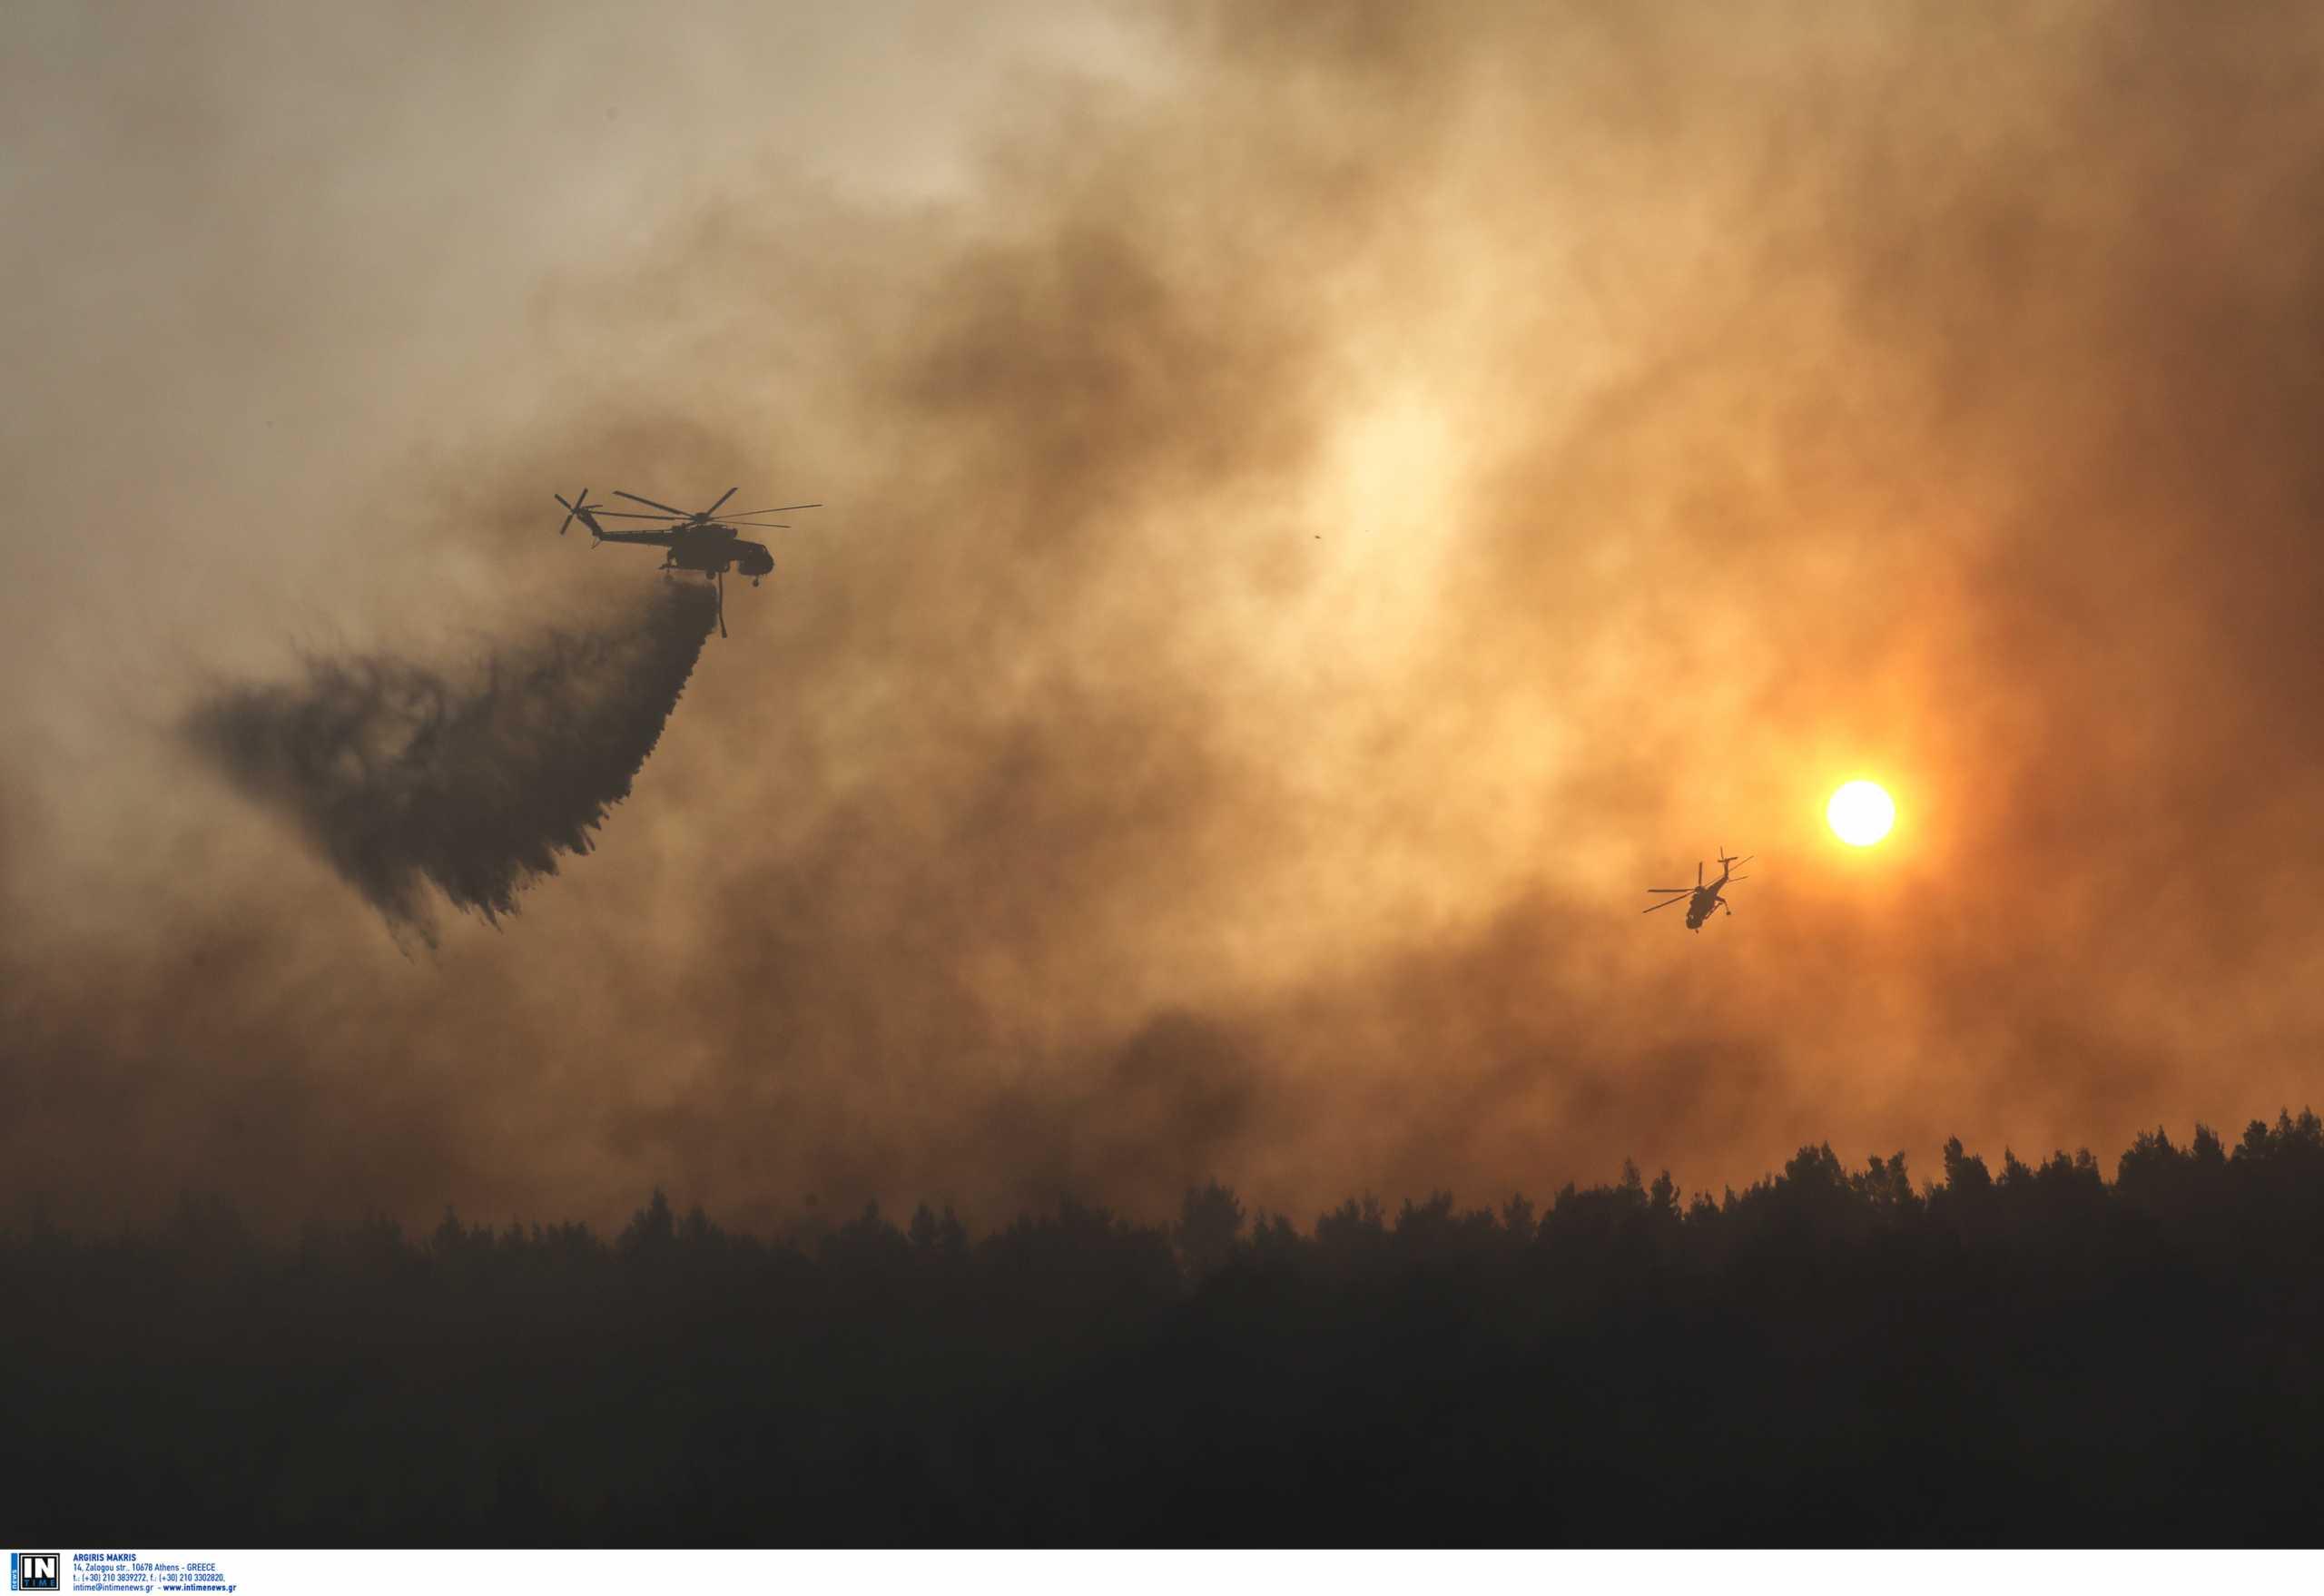 Φωτιά στη Βαρυμπόμπη: Διαψεύδουν πάλι ότι οι φλόγες ξεπήδησαν μετά από έκρηξη μετασχηματιστή